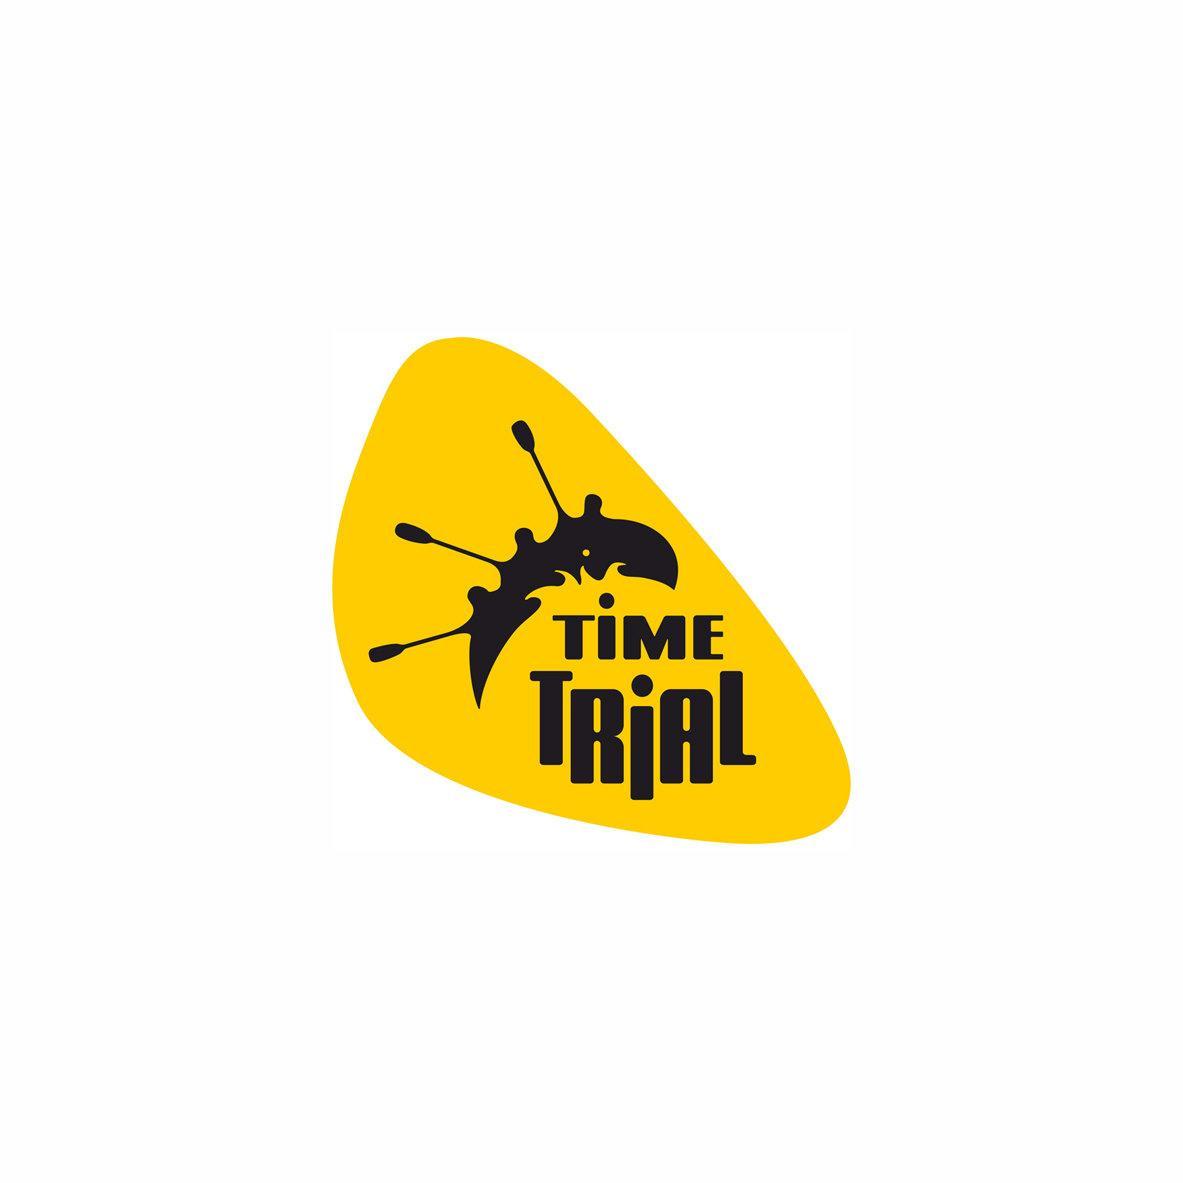 фотография Компании TimeTrial на Гельсингфорсской улице